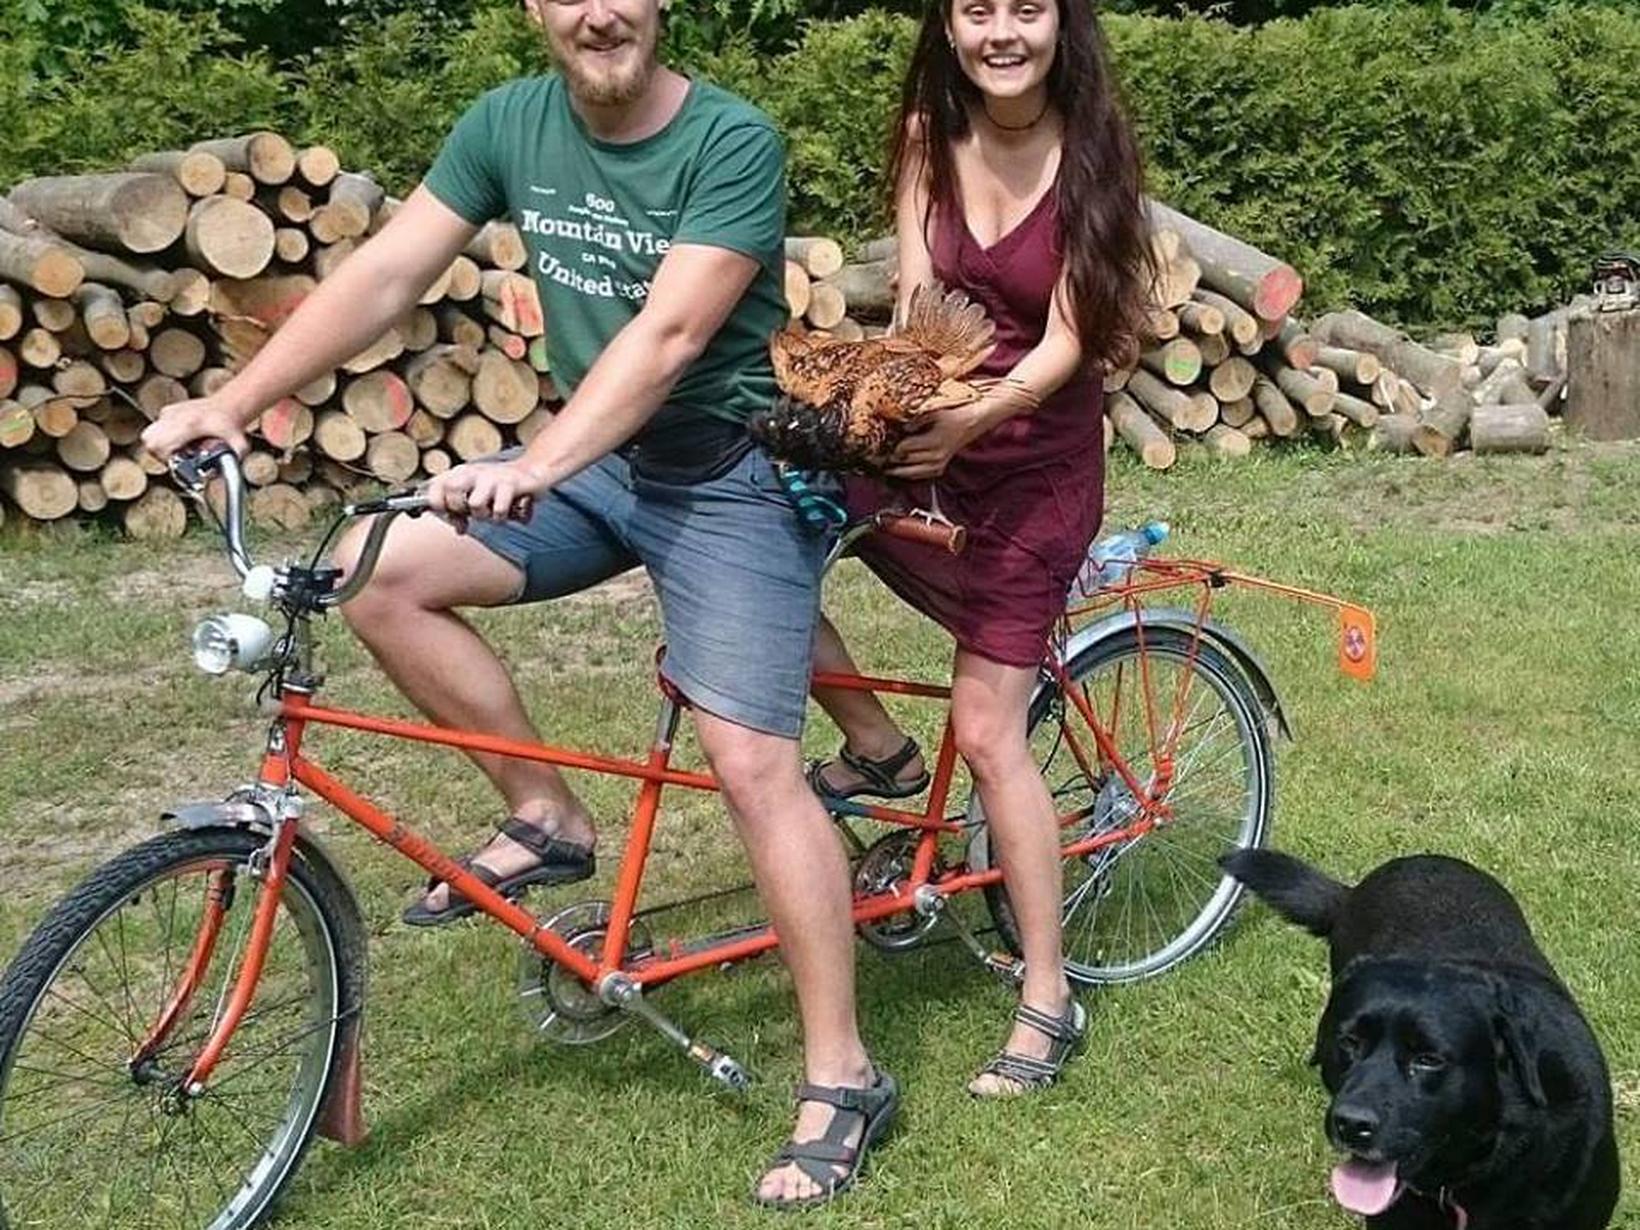 Szymon & Adrianna from Oslo, Norway